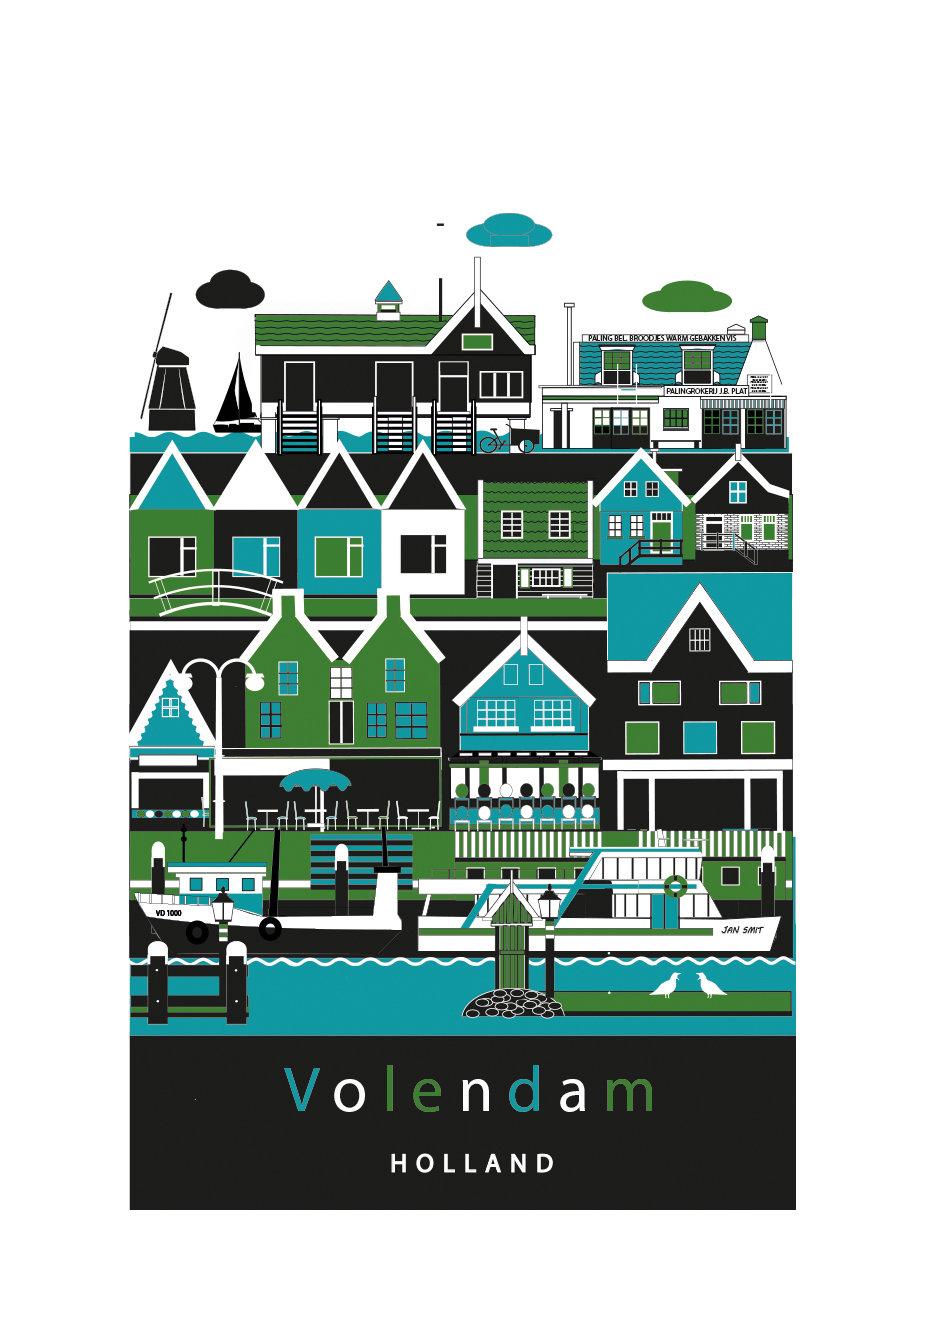 Volendam poster bbddeeffGGHH.jpg